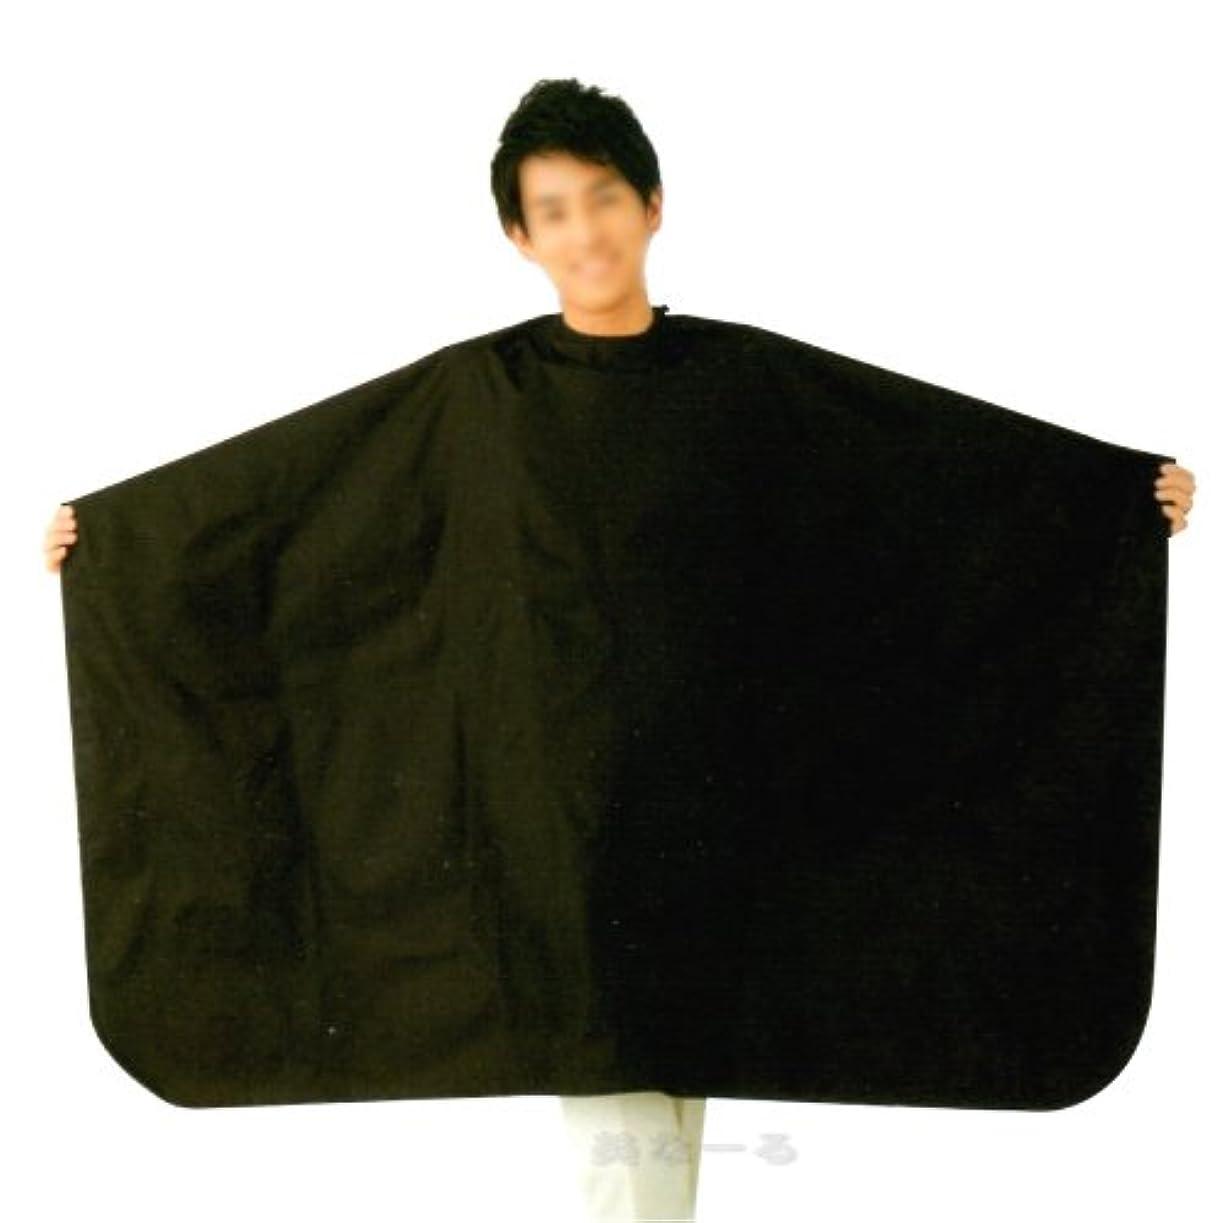 ラフ睡眠五月枕ヘアダイクロス ヘアカラー用ケープ 袖なし 業務用 エルコ